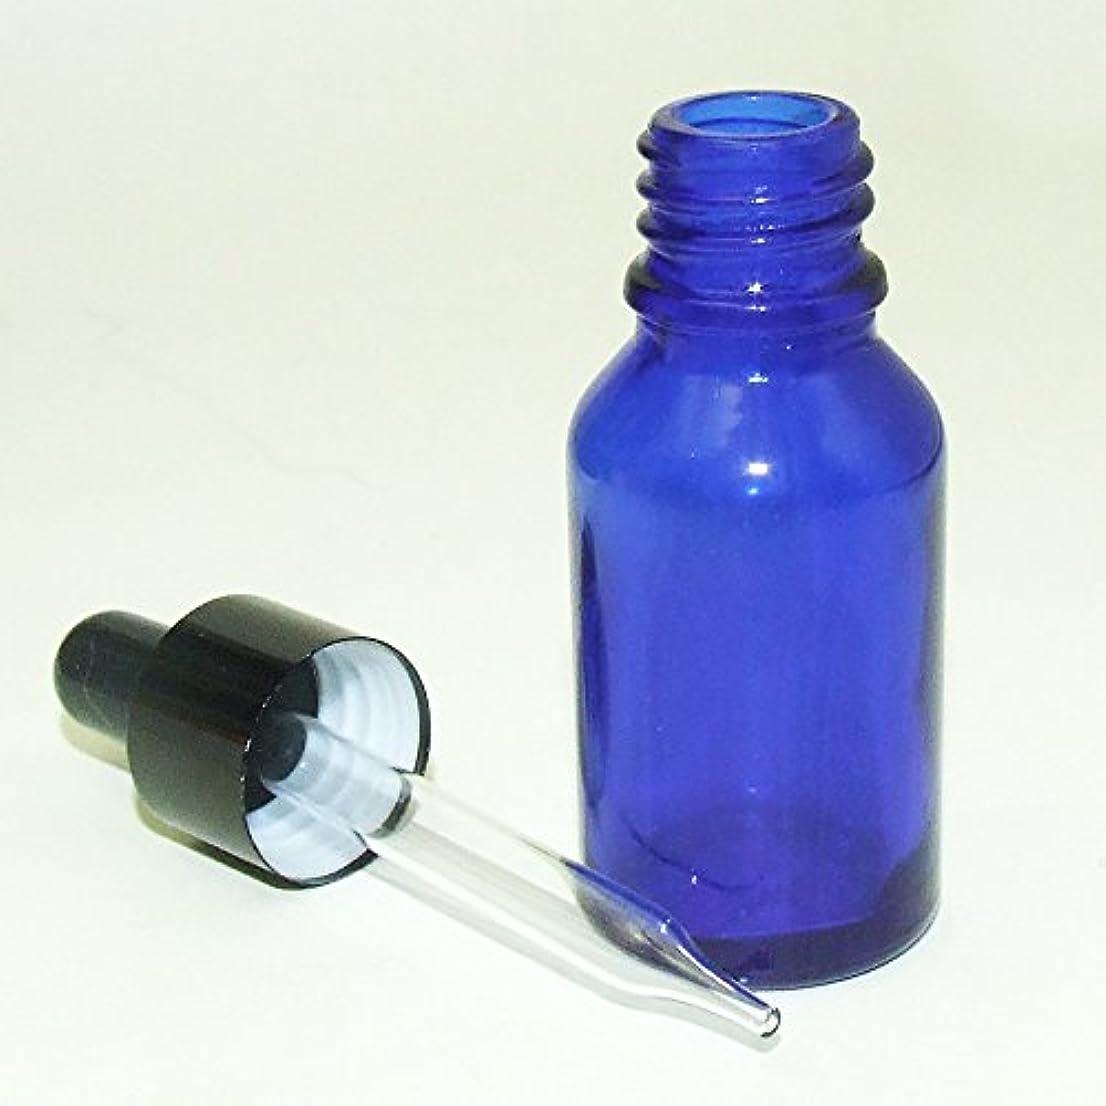 くま統計的少しガレージ?ゼロ 遮光ガラス スポイド瓶 先細タイプ 青 15ml(GZKP31)×10個 アロマ保存 GSE677